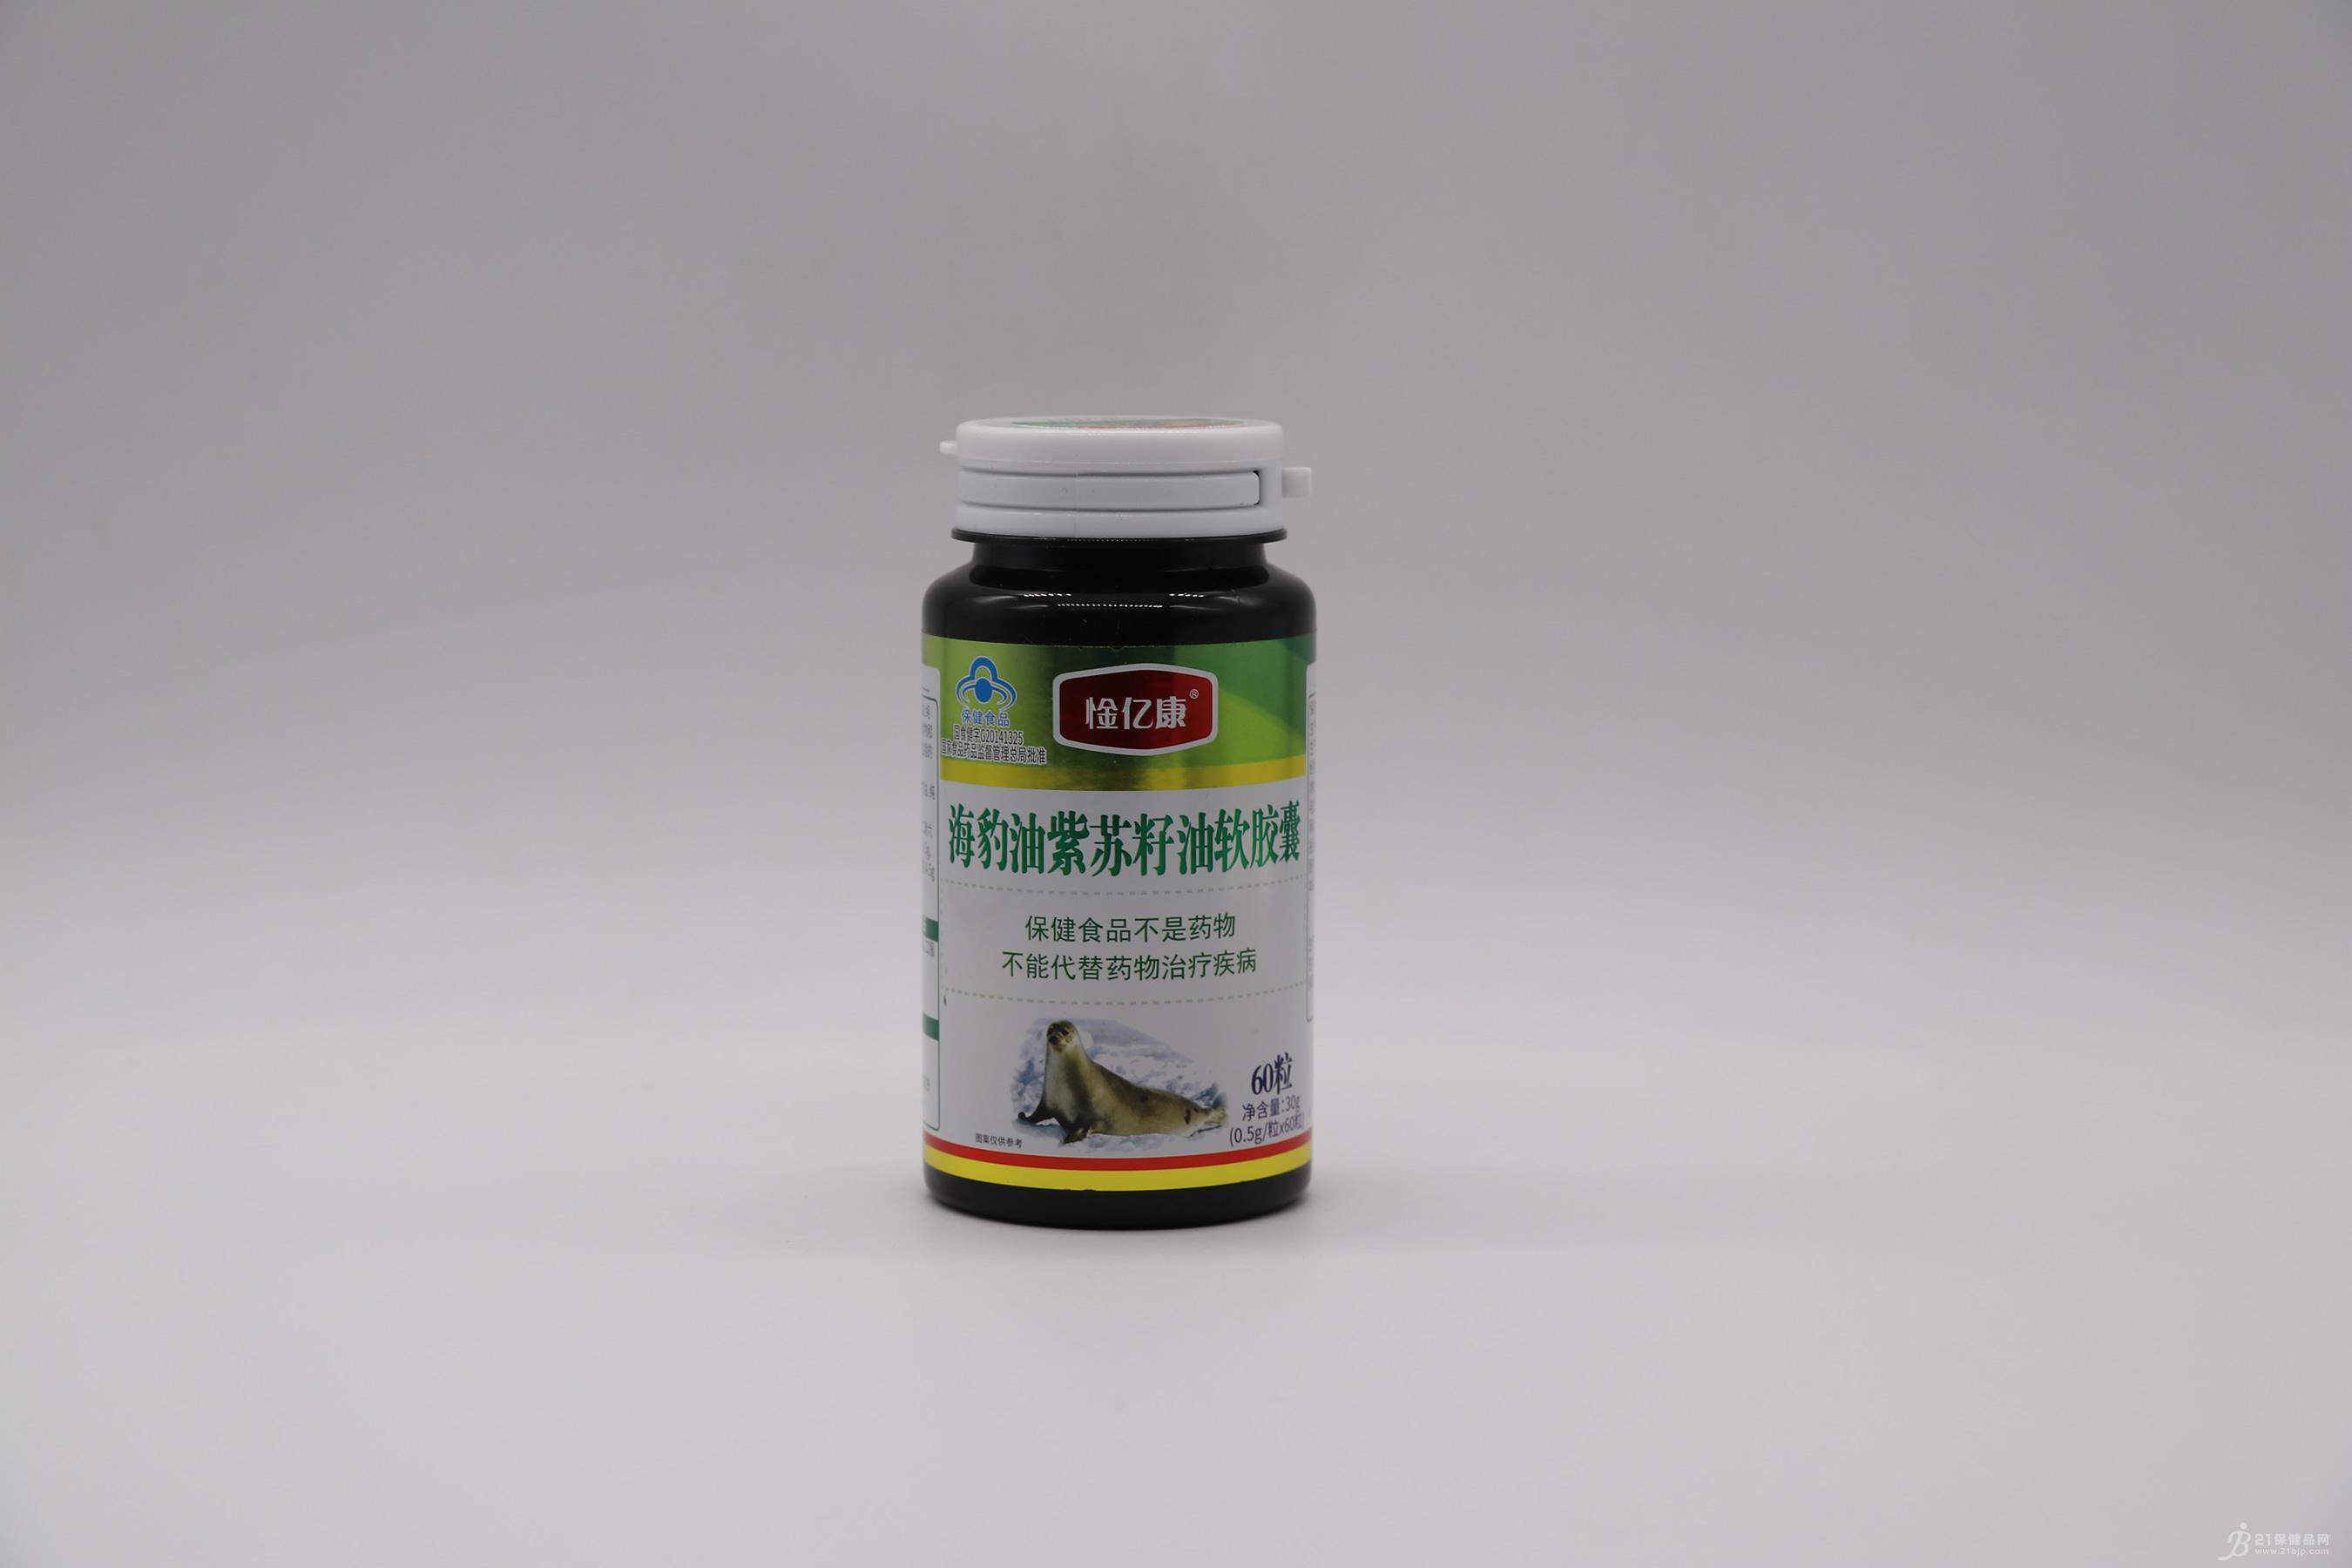 金亿康海豹油紫苏籽油软胶囊500mg*60粒/瓶招商